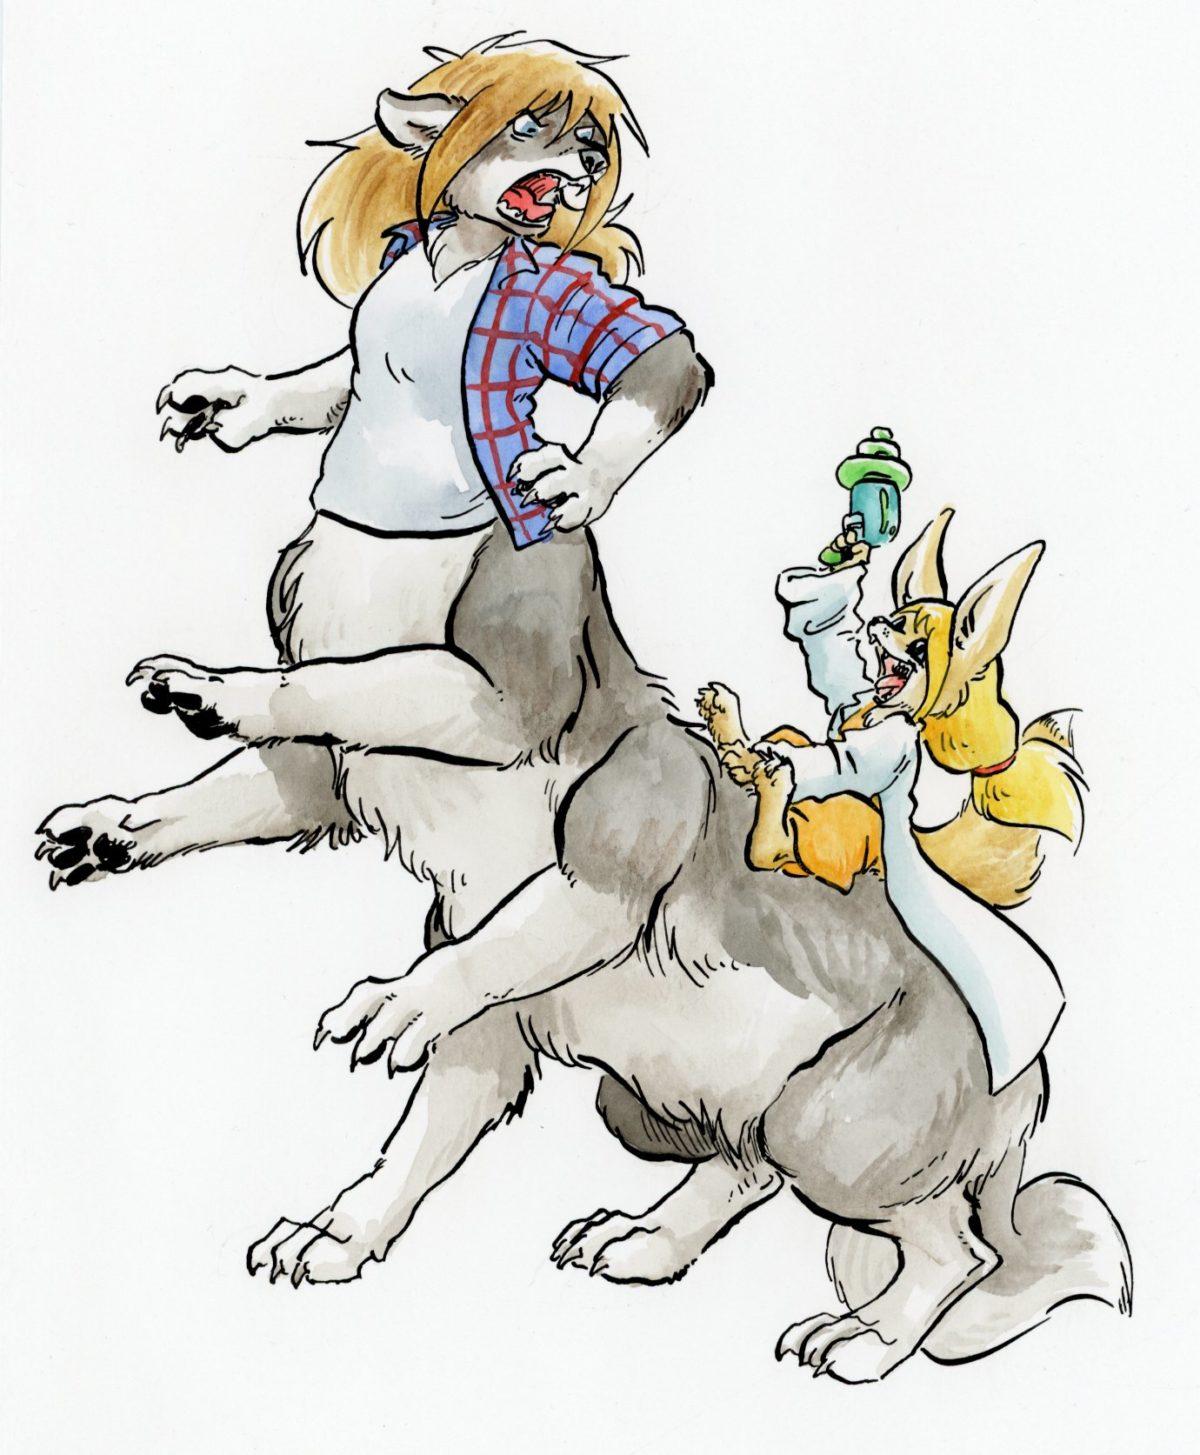 Onward, Wolftaurtaur!